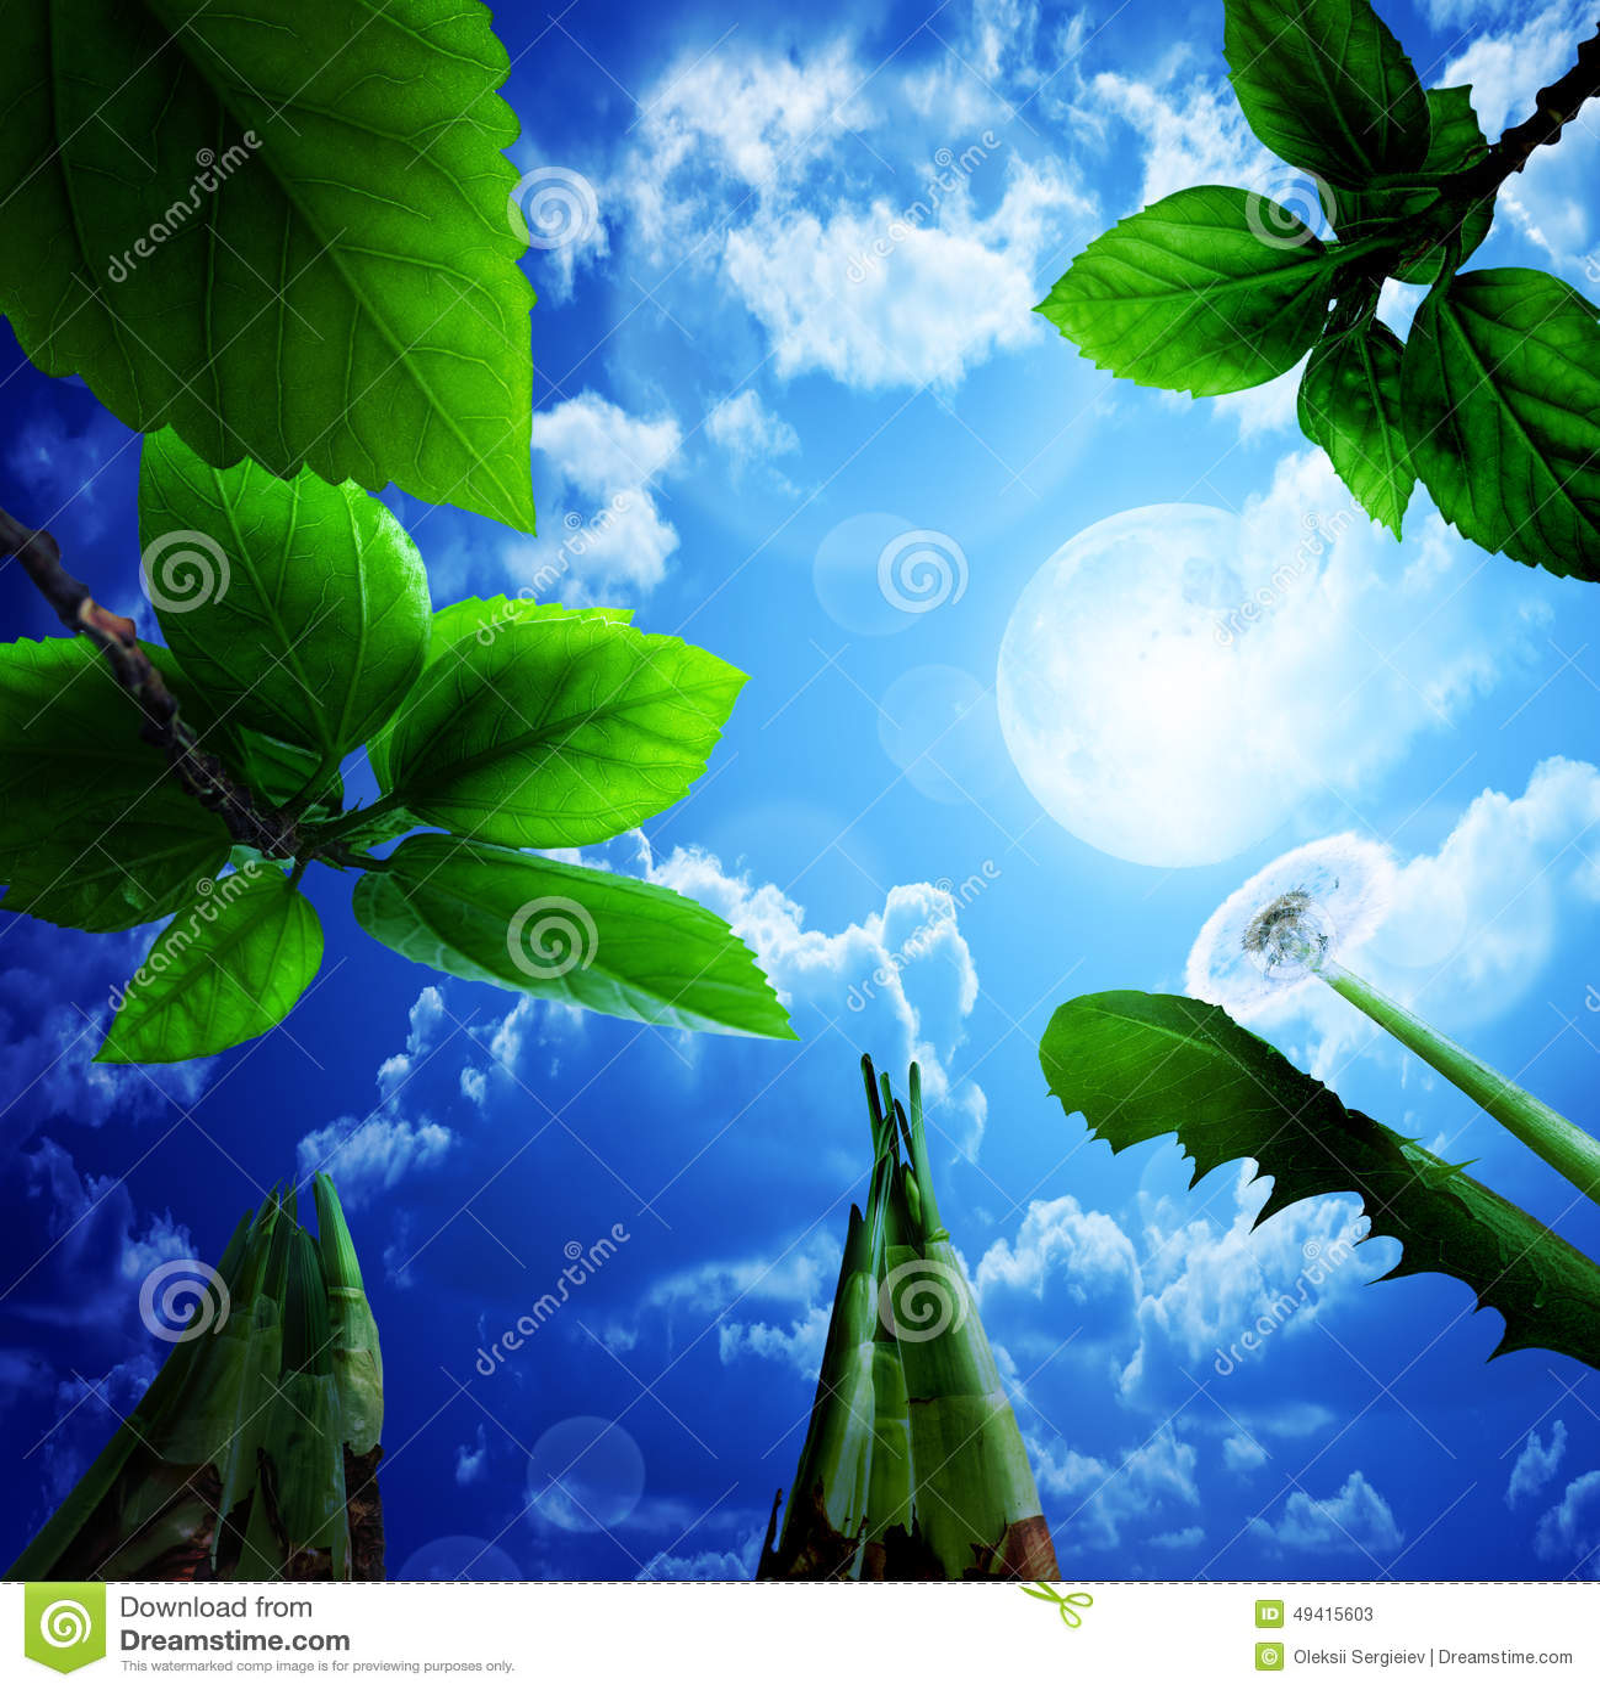 Download Frische Blätter, Hintergrund Stockbild - Bild von tropfen, nahaufnahme: 49415603